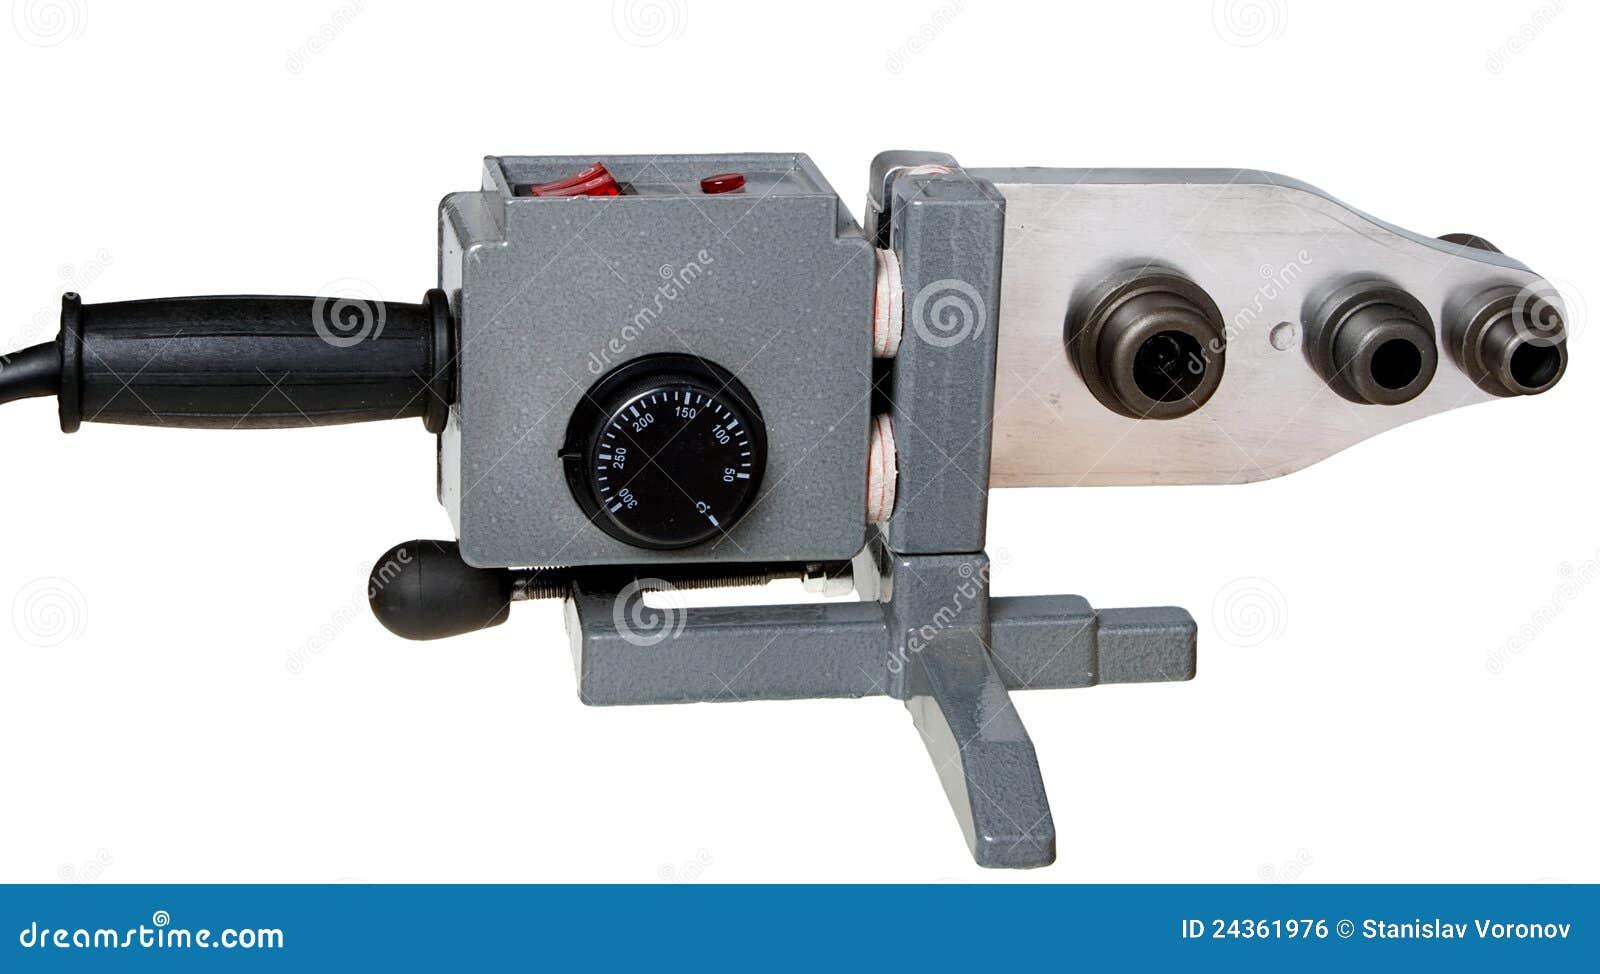 Saldatrice per saldatura dei tubi di plastica immagine for Migliori tubi per l impianto idraulico